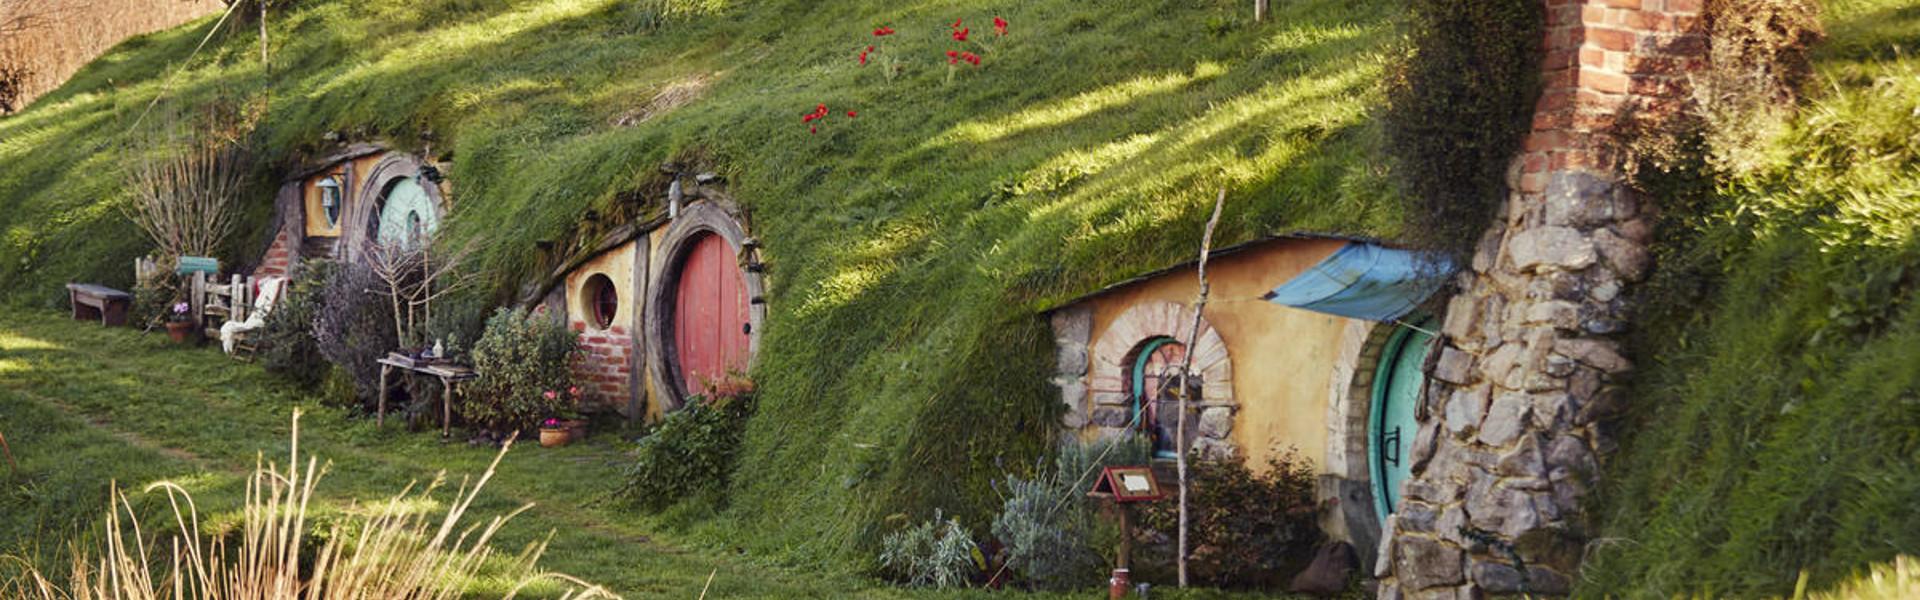 platandoacute-de-hobbiton